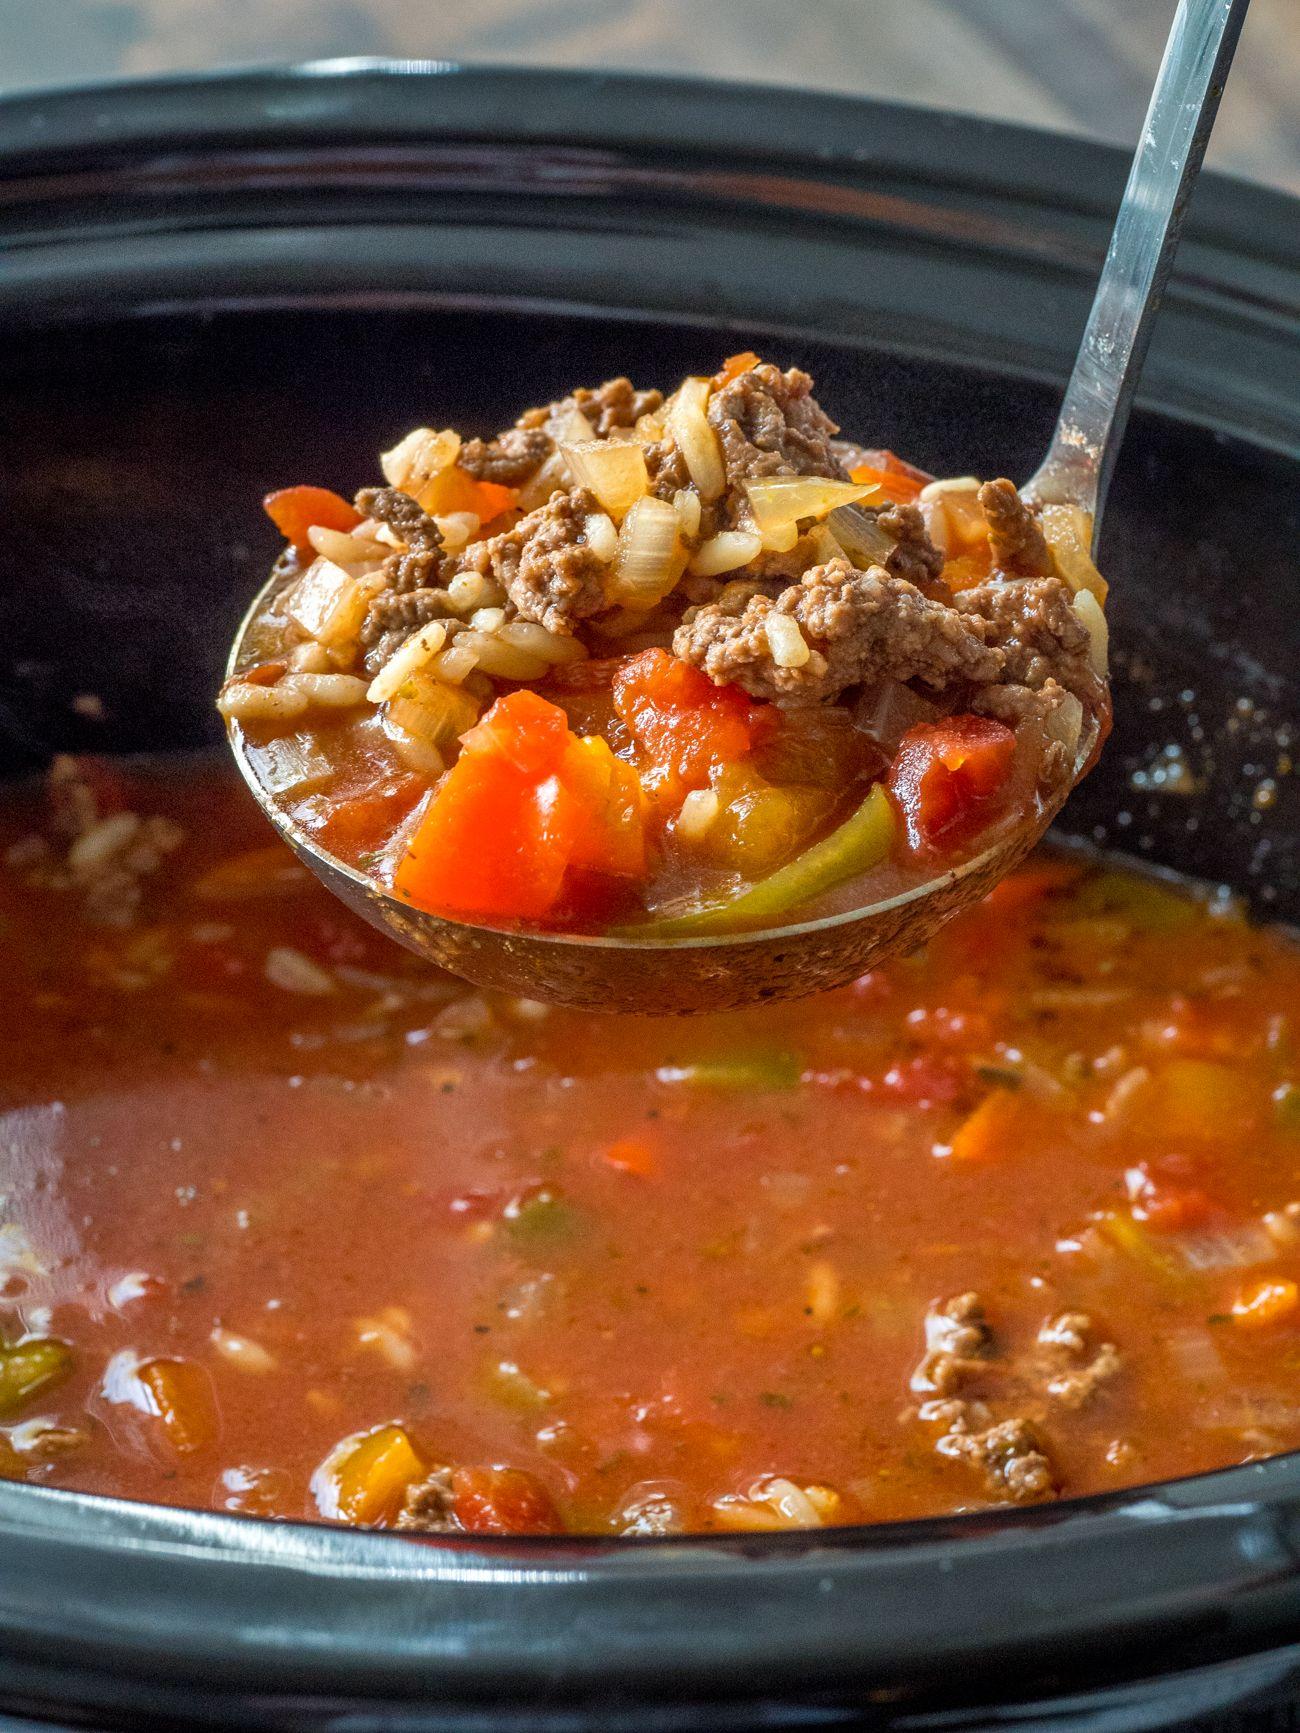 Slow Cooker Stuffed Pepper Soup Recipe Slow Cooker Stuffed Peppers Stuffed Peppers Stuffed Pepper Soup